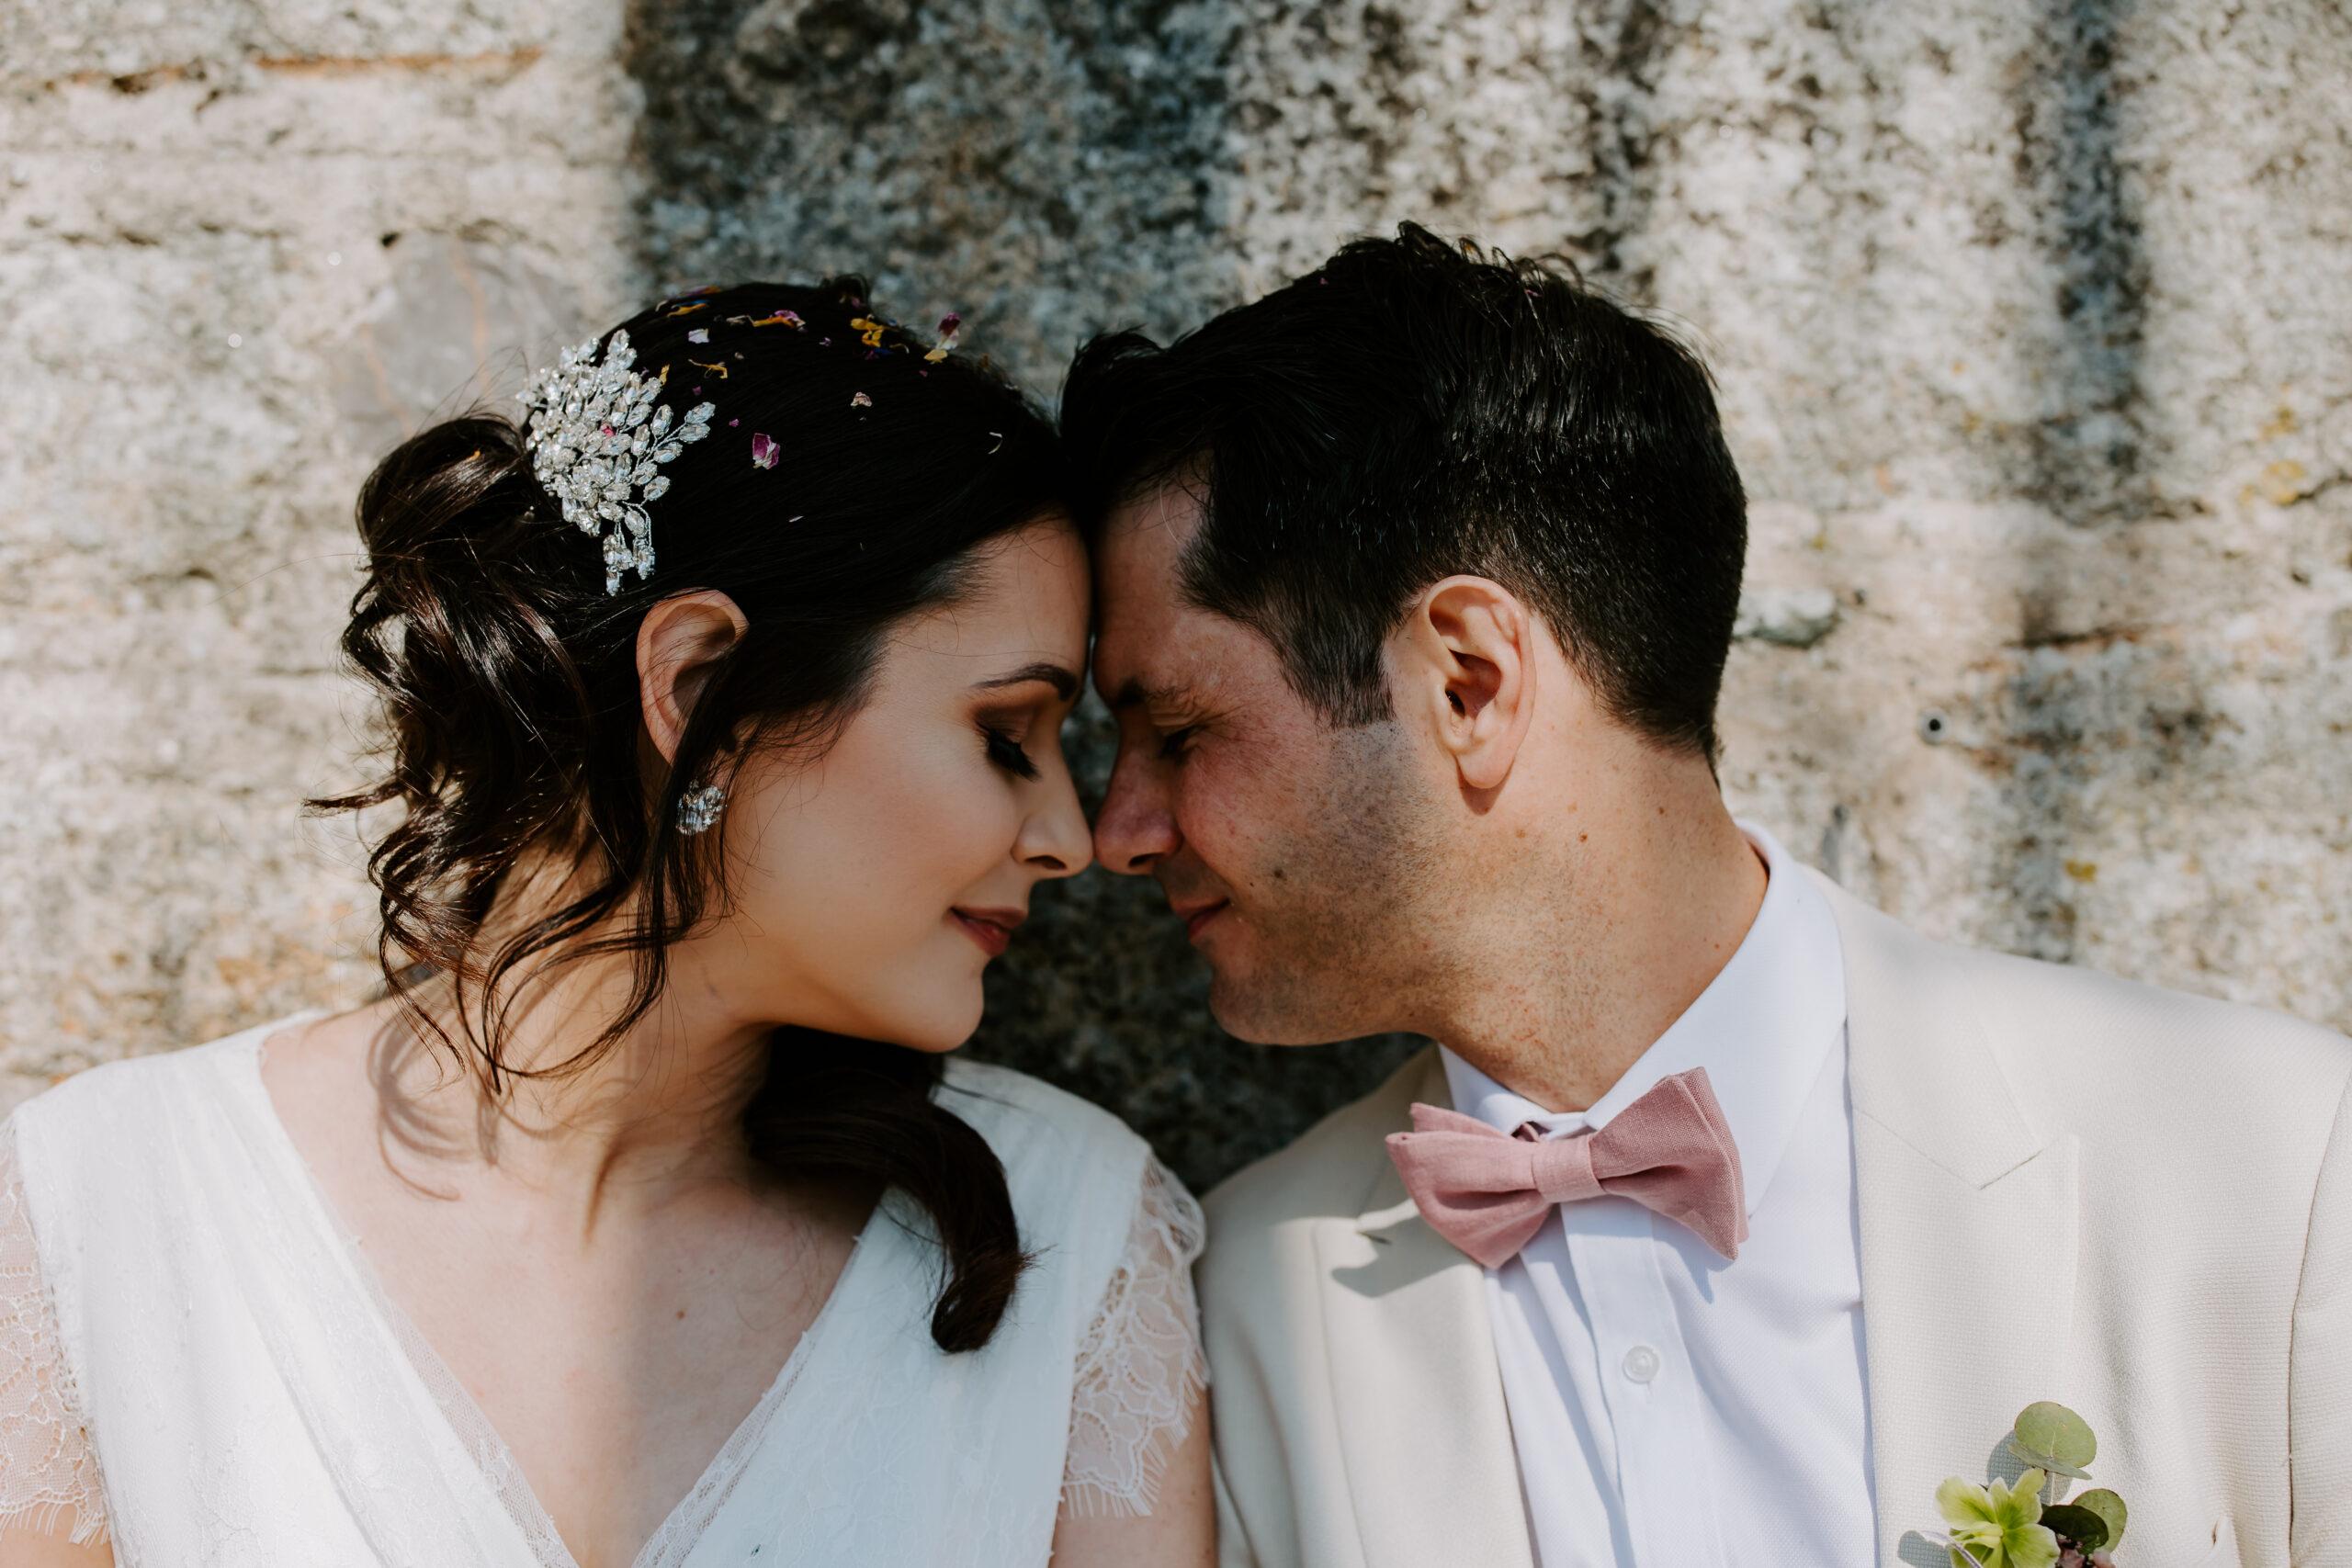 romantic elopement wedding in Cornwall